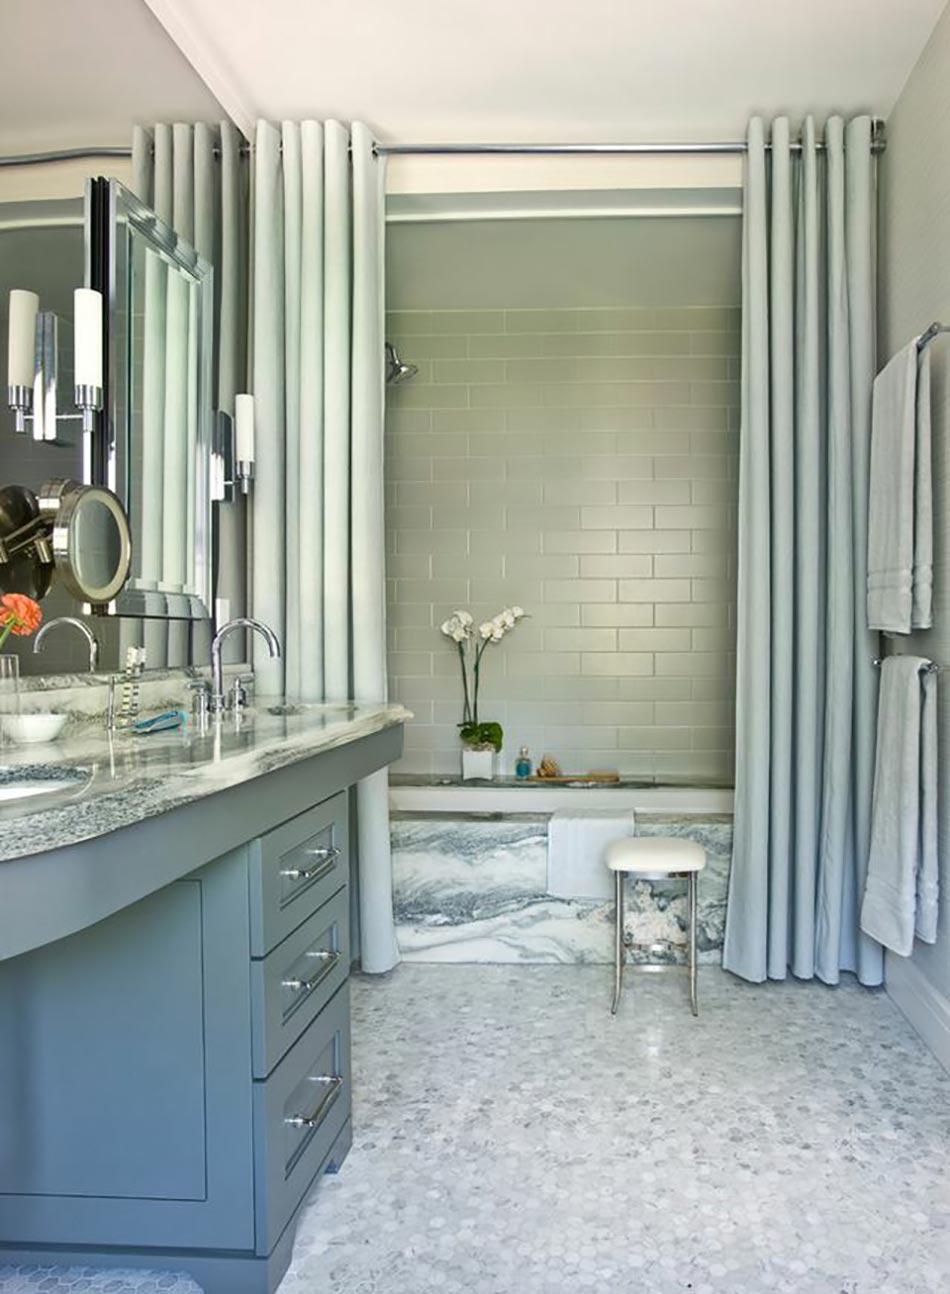 Salle De Bain Petite Surface Avec Baignoire : Ameublement de salle de bain : rideaux ou parois originaux